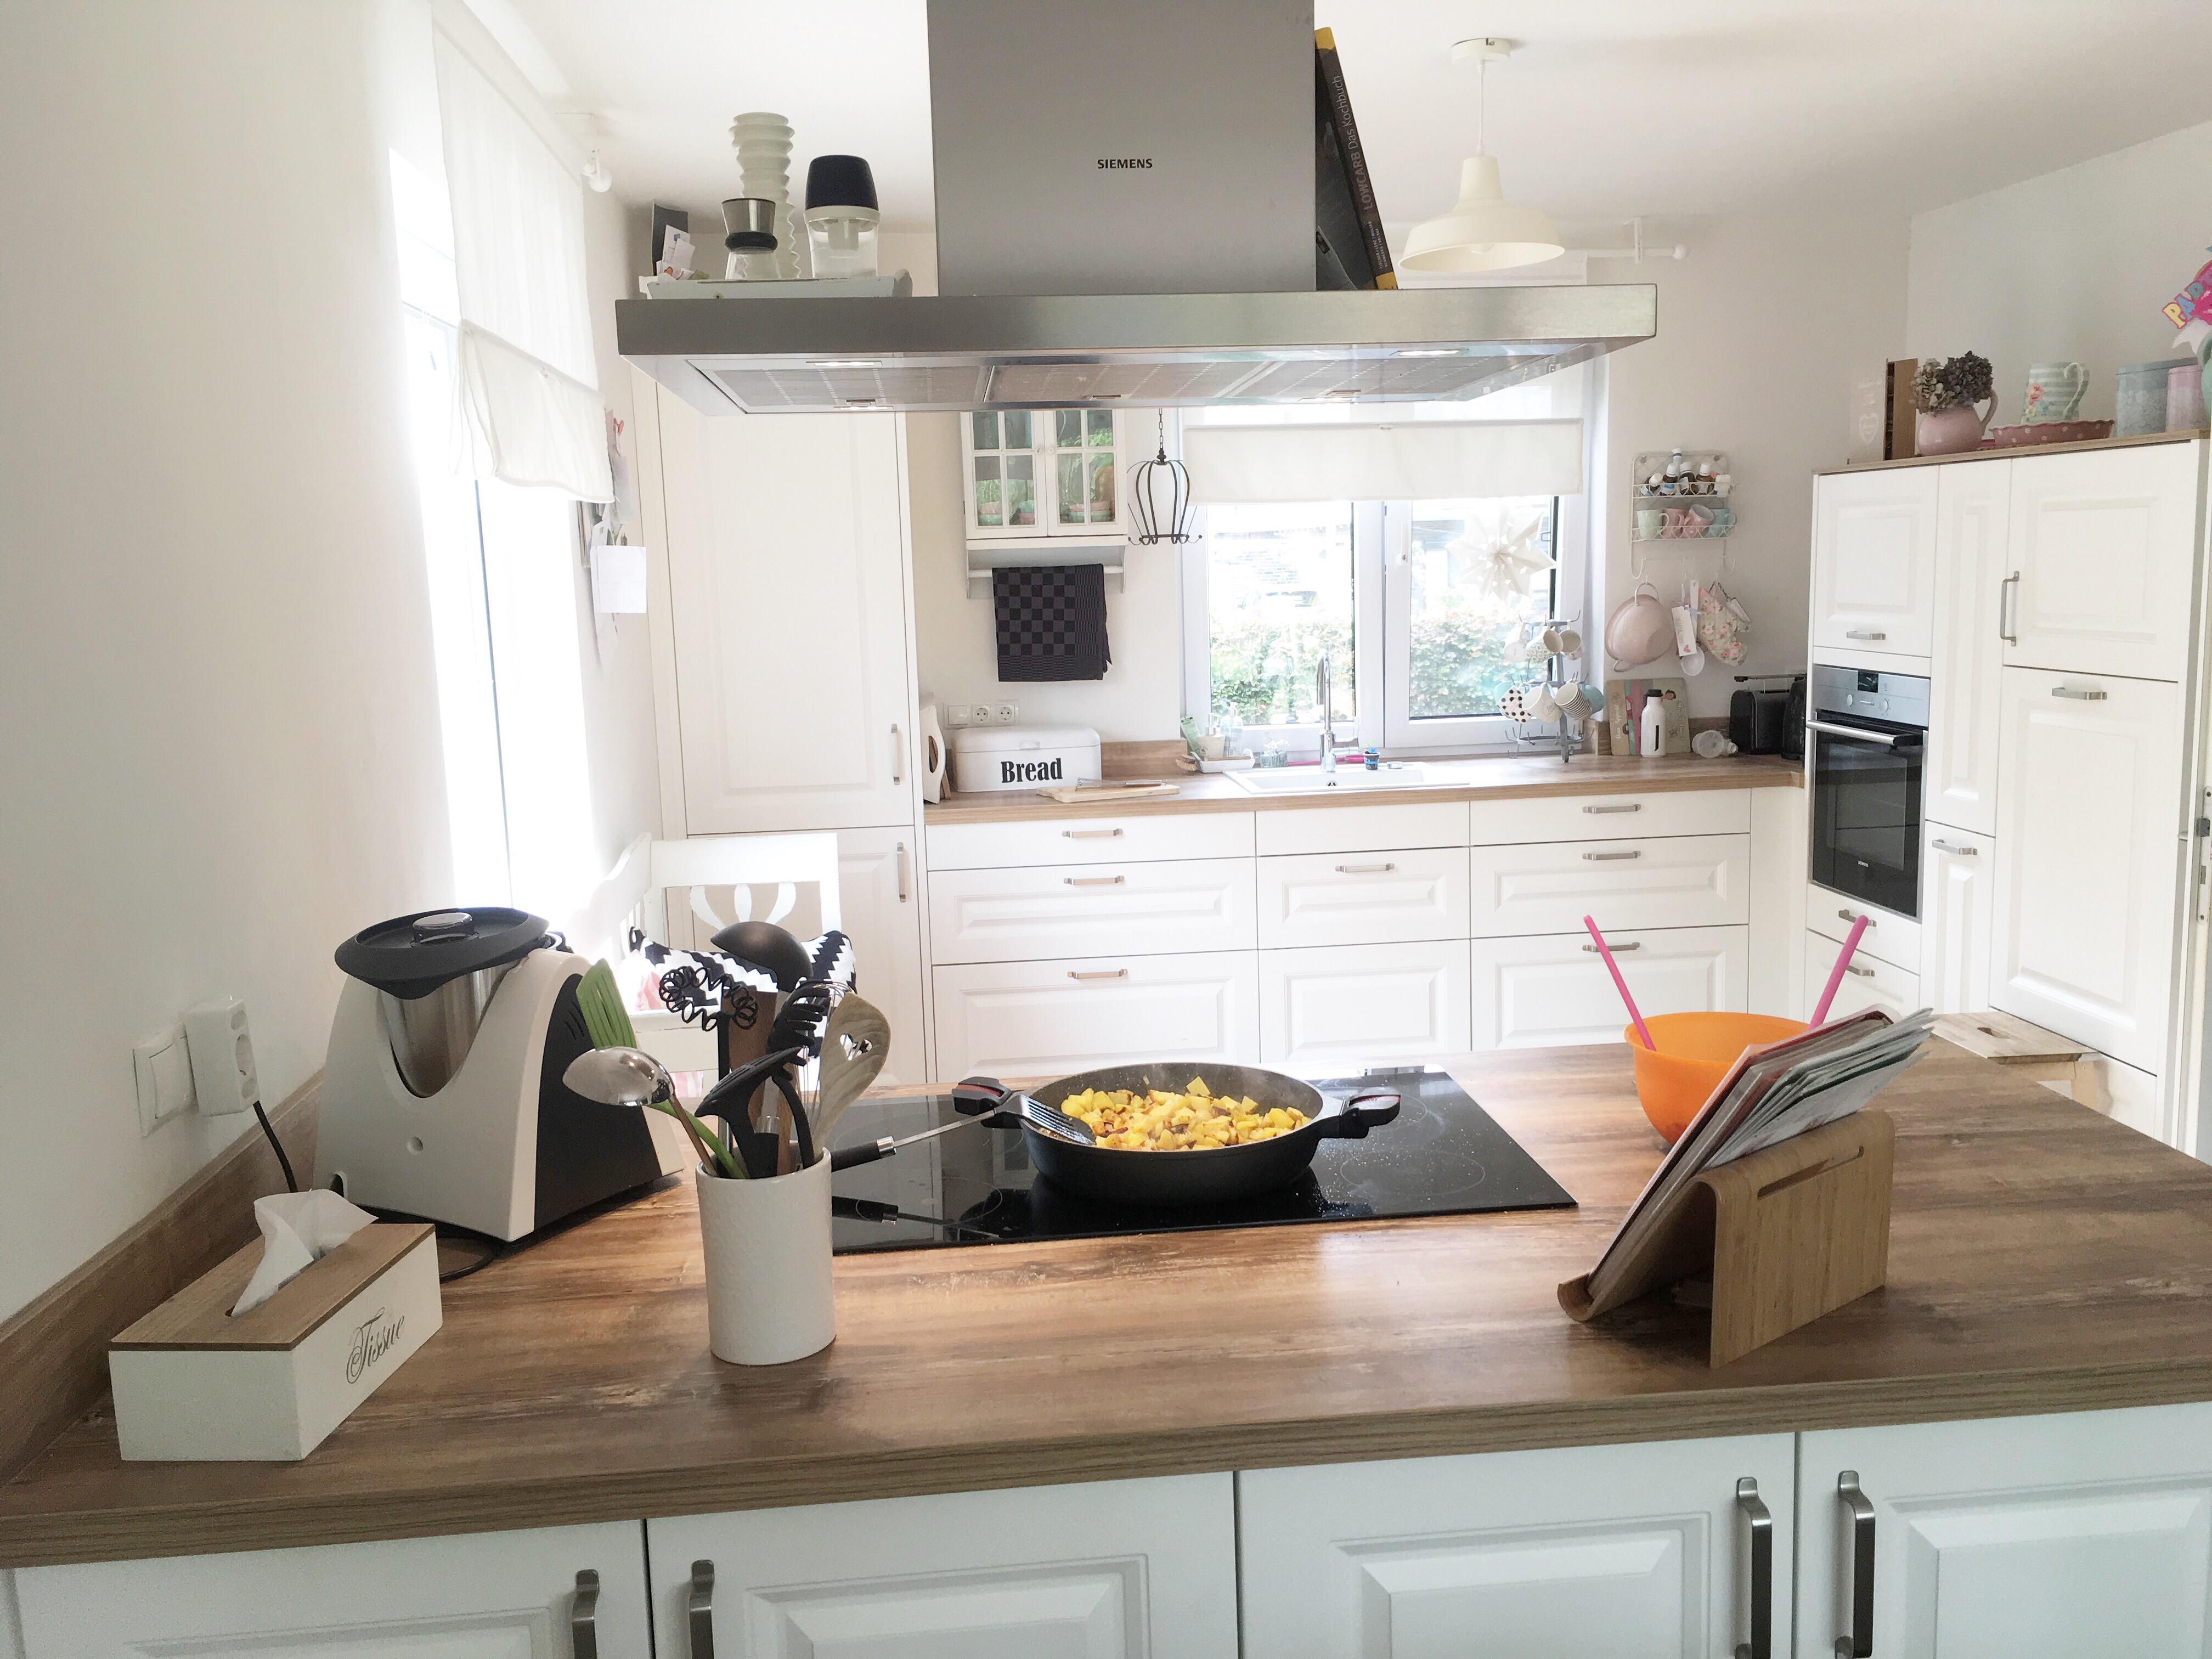 Fantastisch Kühle Küche Zeug Galerie - Küchenschrank Ideen ...